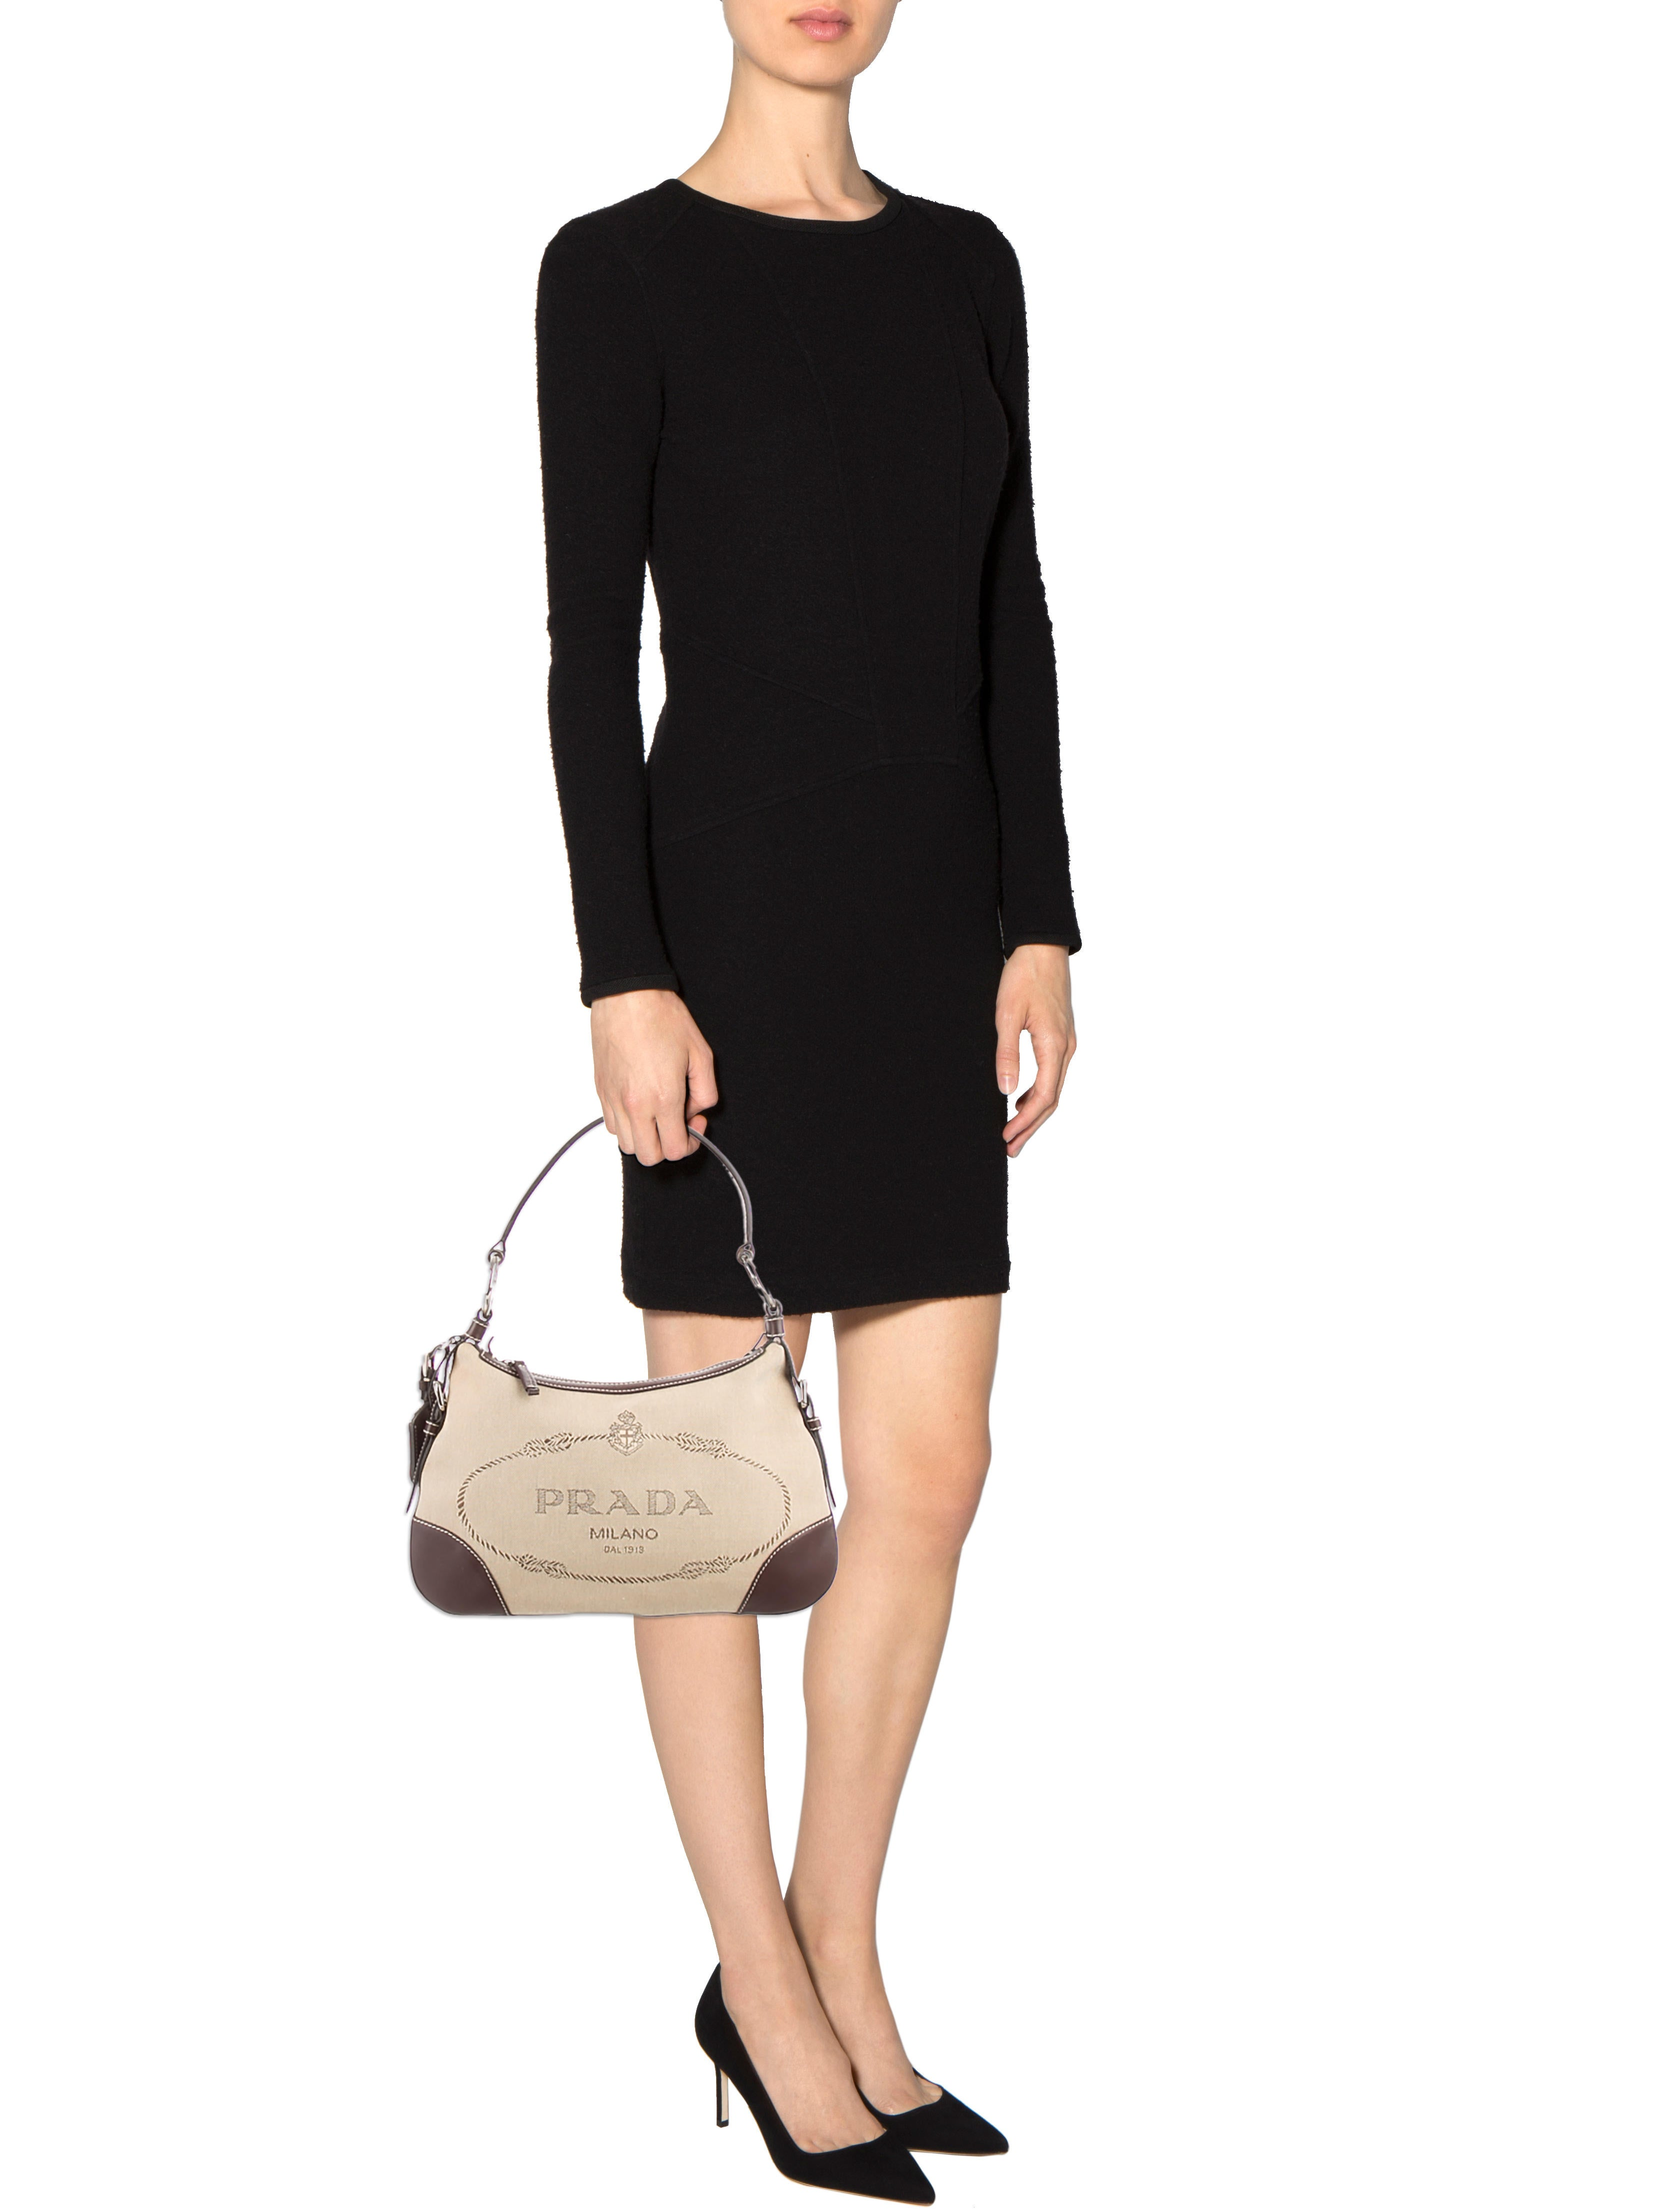 new prada purses - Prada Logo-Embellished Canapa Shoulder Bag - Handbags - PRA86121 ...